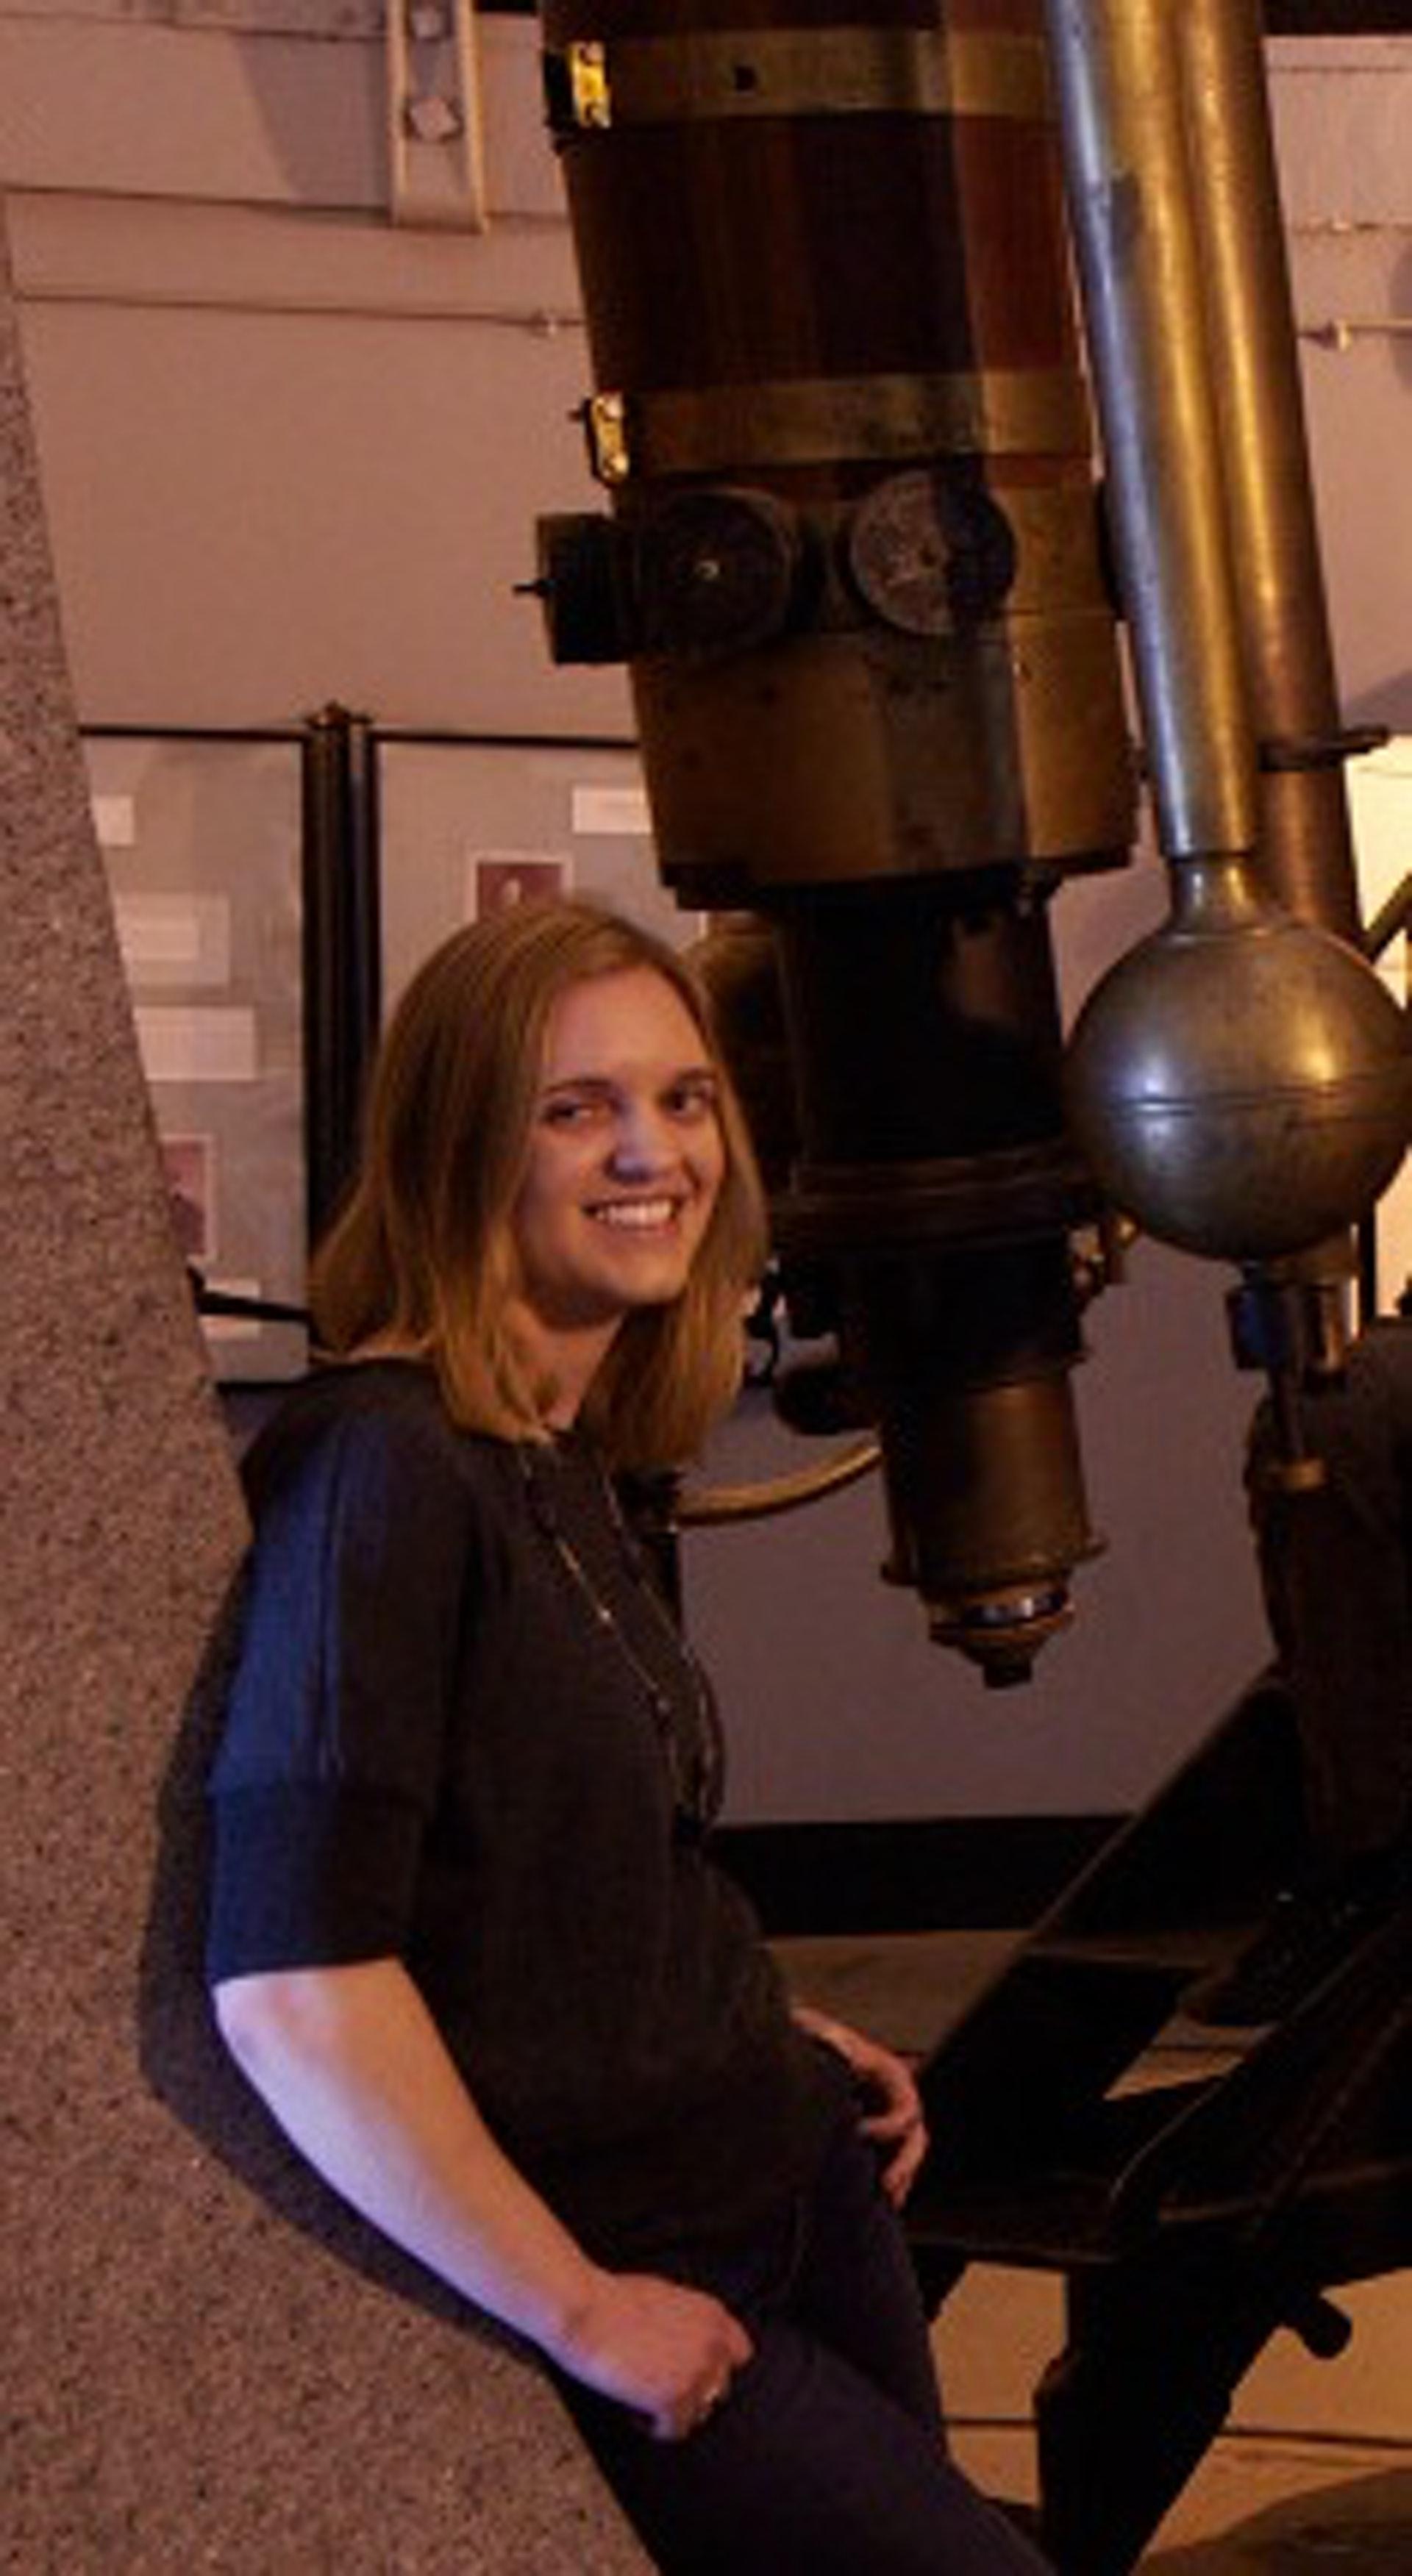 身兼NASA研究員的加州理工物理天文學家德雷盛(Courtney Dressing)根據已確認位於宜居區域的星球數量,認為存在生物的星球數量相當可觀。